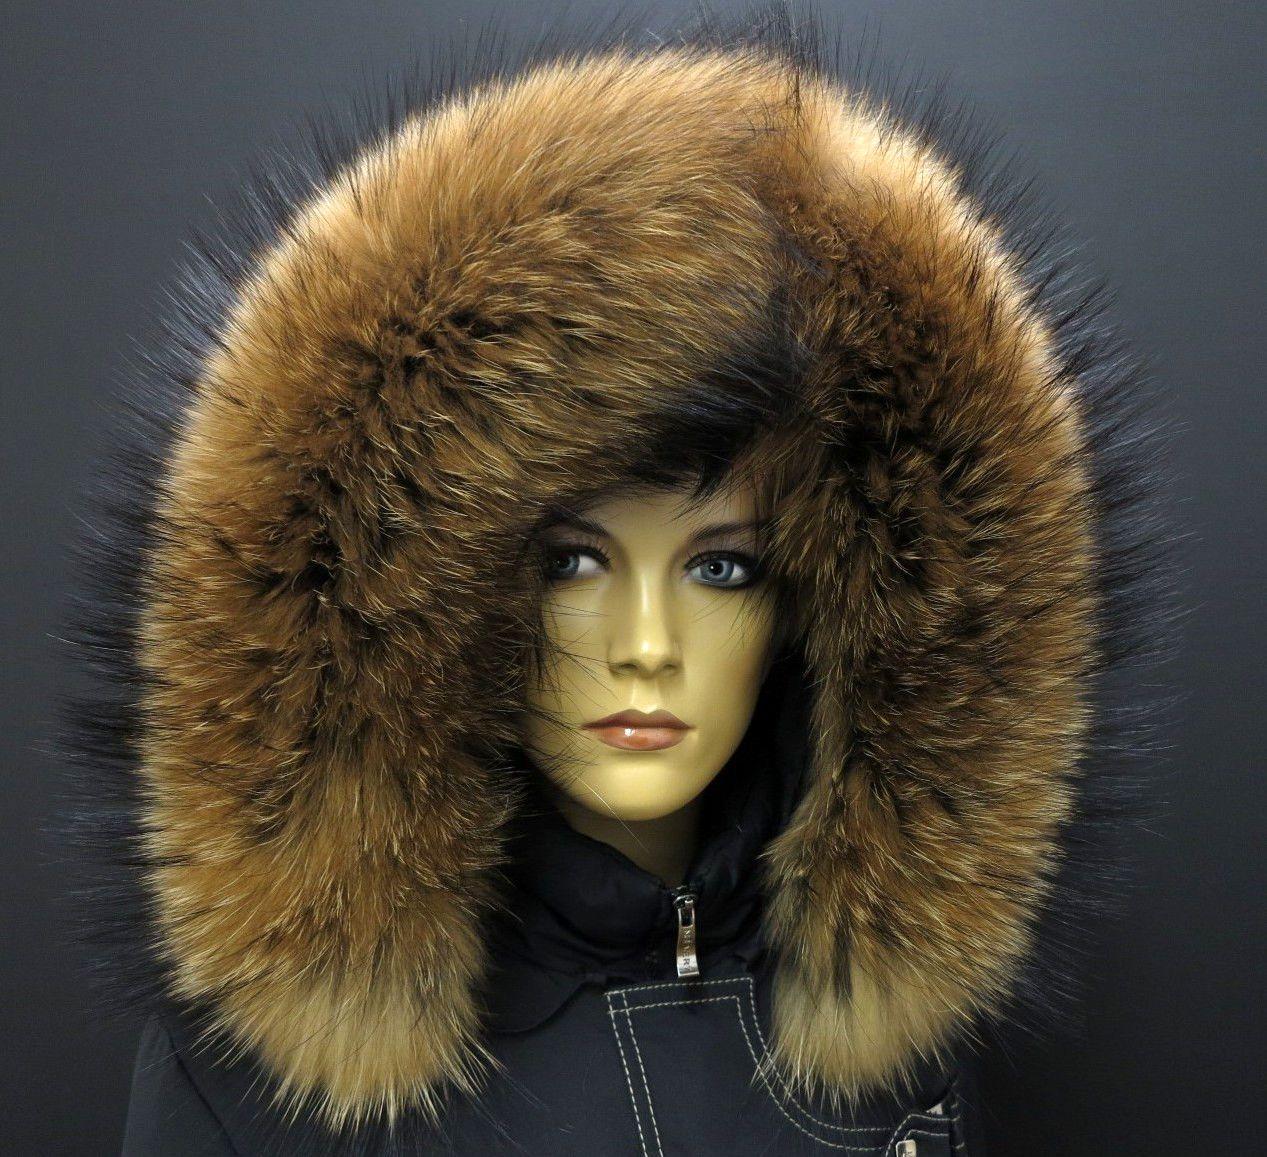 Novinka - krásná kožešina na kapuci z finského mývalovce přímo pro Vaši  bundu  pravakozesina  fur  real  finnraccoon 9da7d97ab6